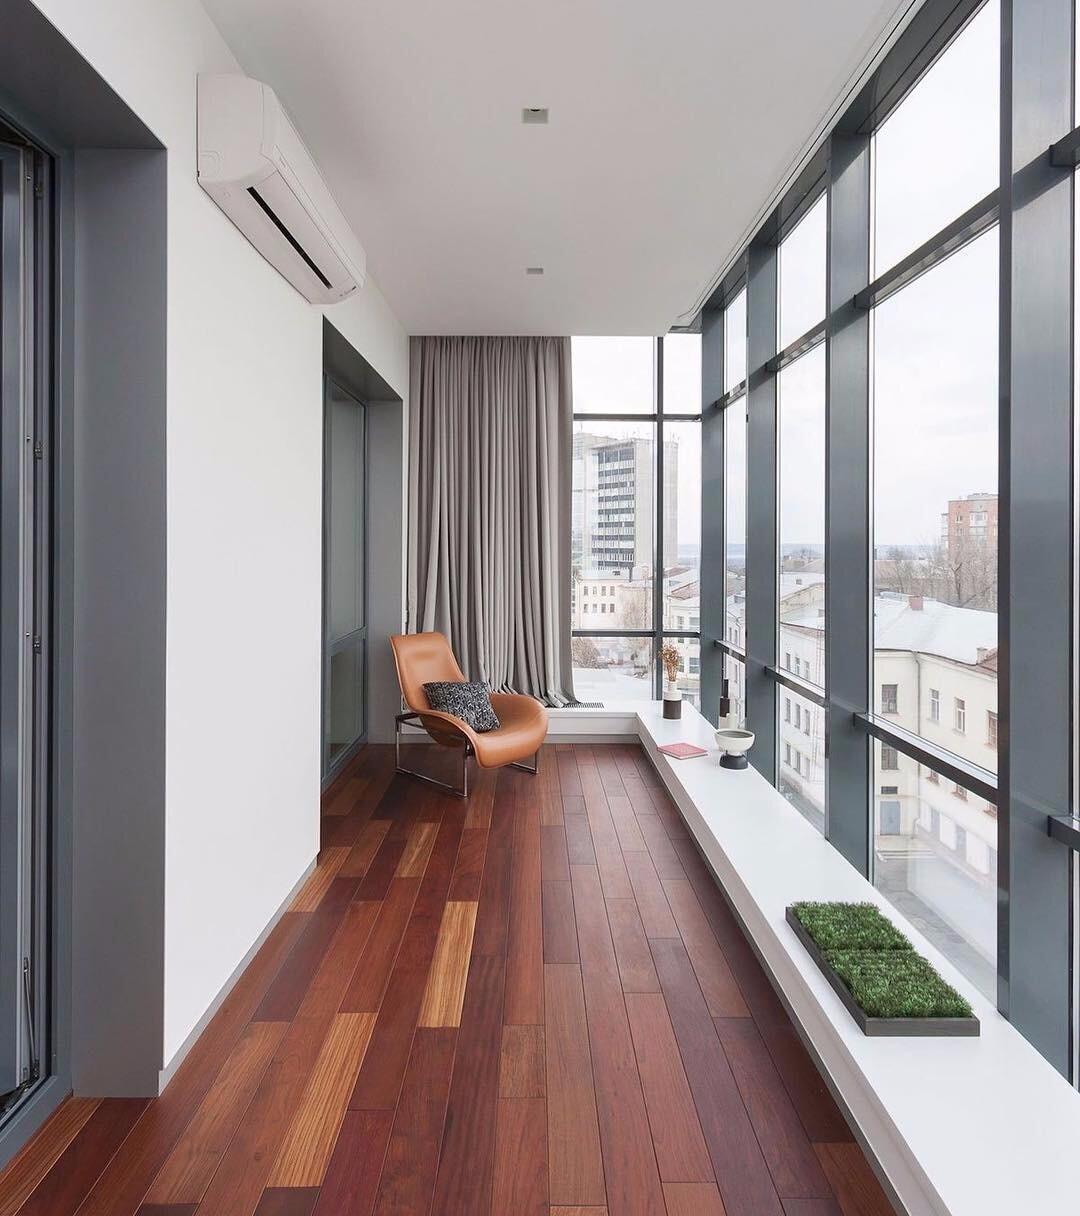 Утепление пола на балконе: лучшие материалы и 2 проверенных способа монтажа